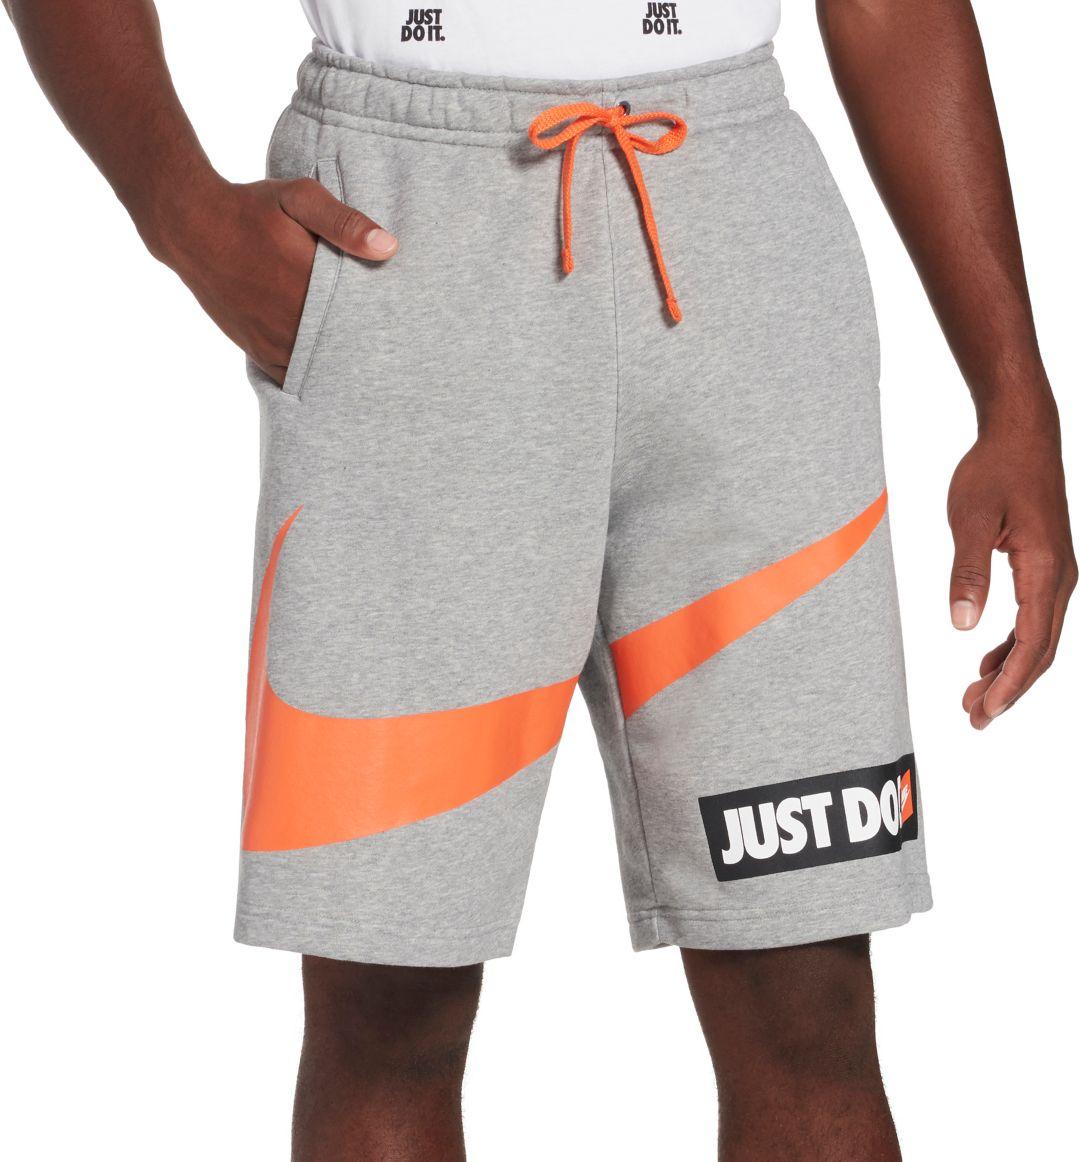 da58c6190ac Nike Men's Sportswear Just Do It Shorts